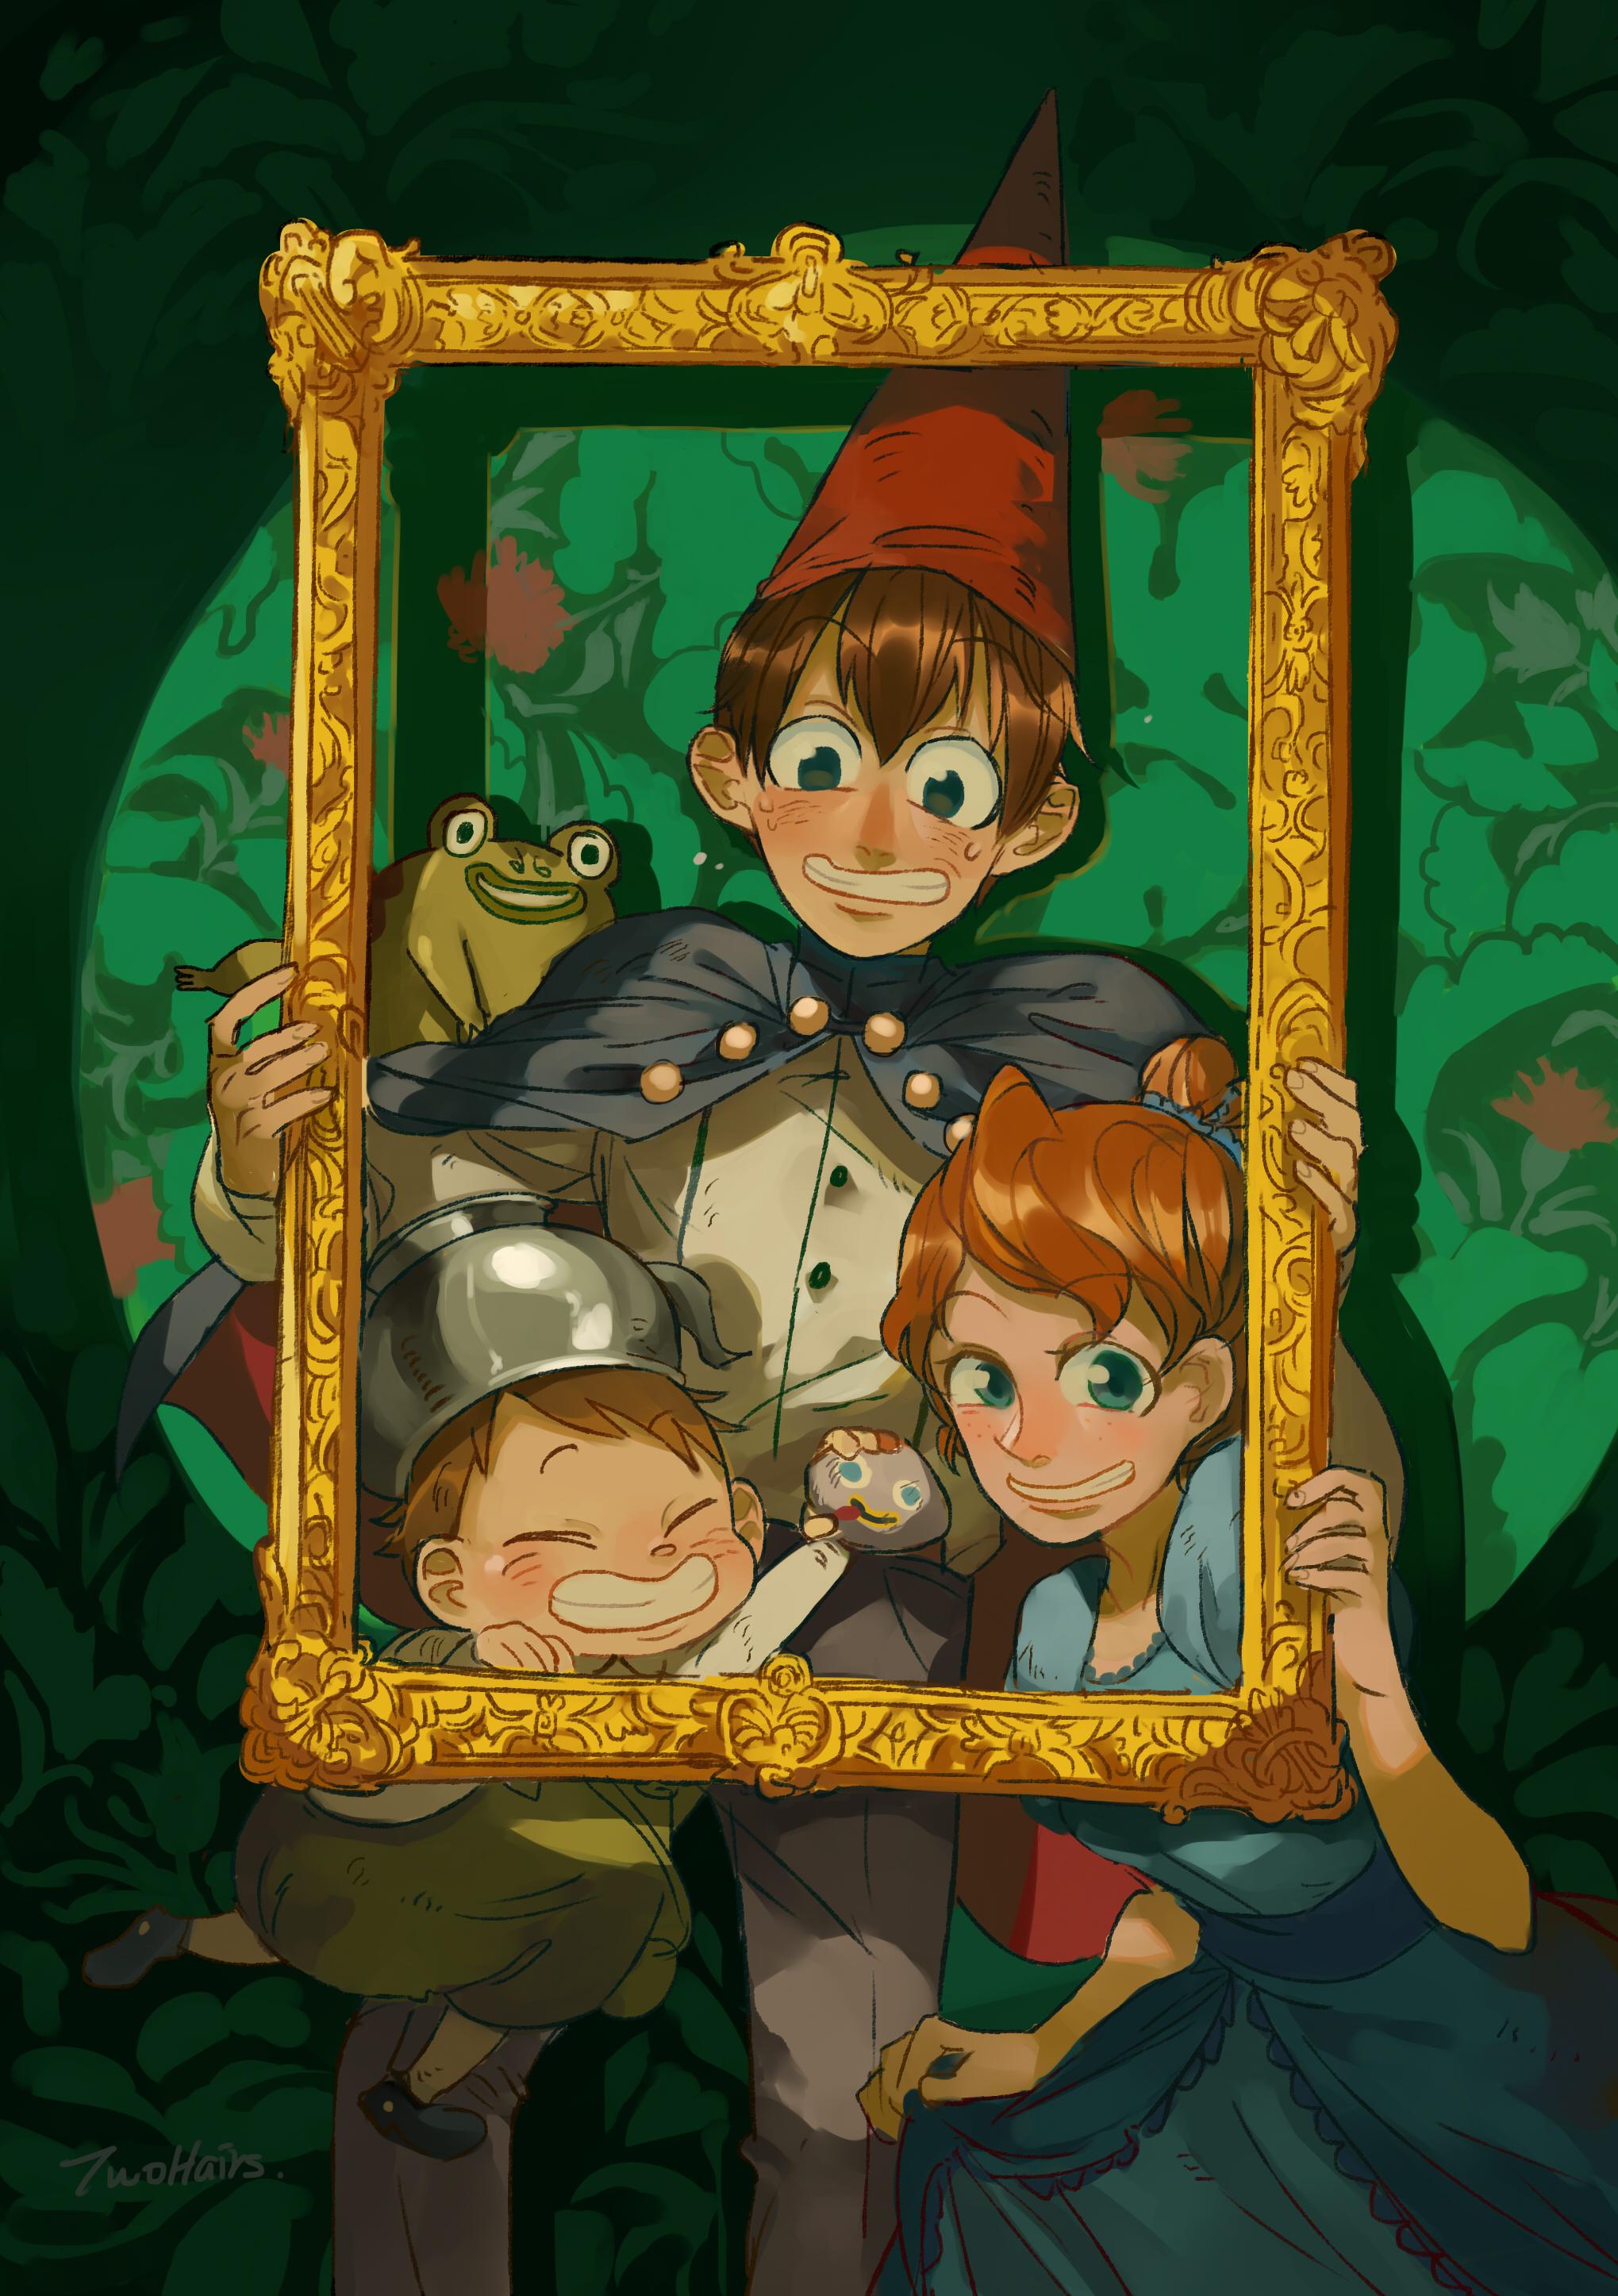 Over The Garden Wall - Disney - Image #2370378 - Zerochan Anime ...